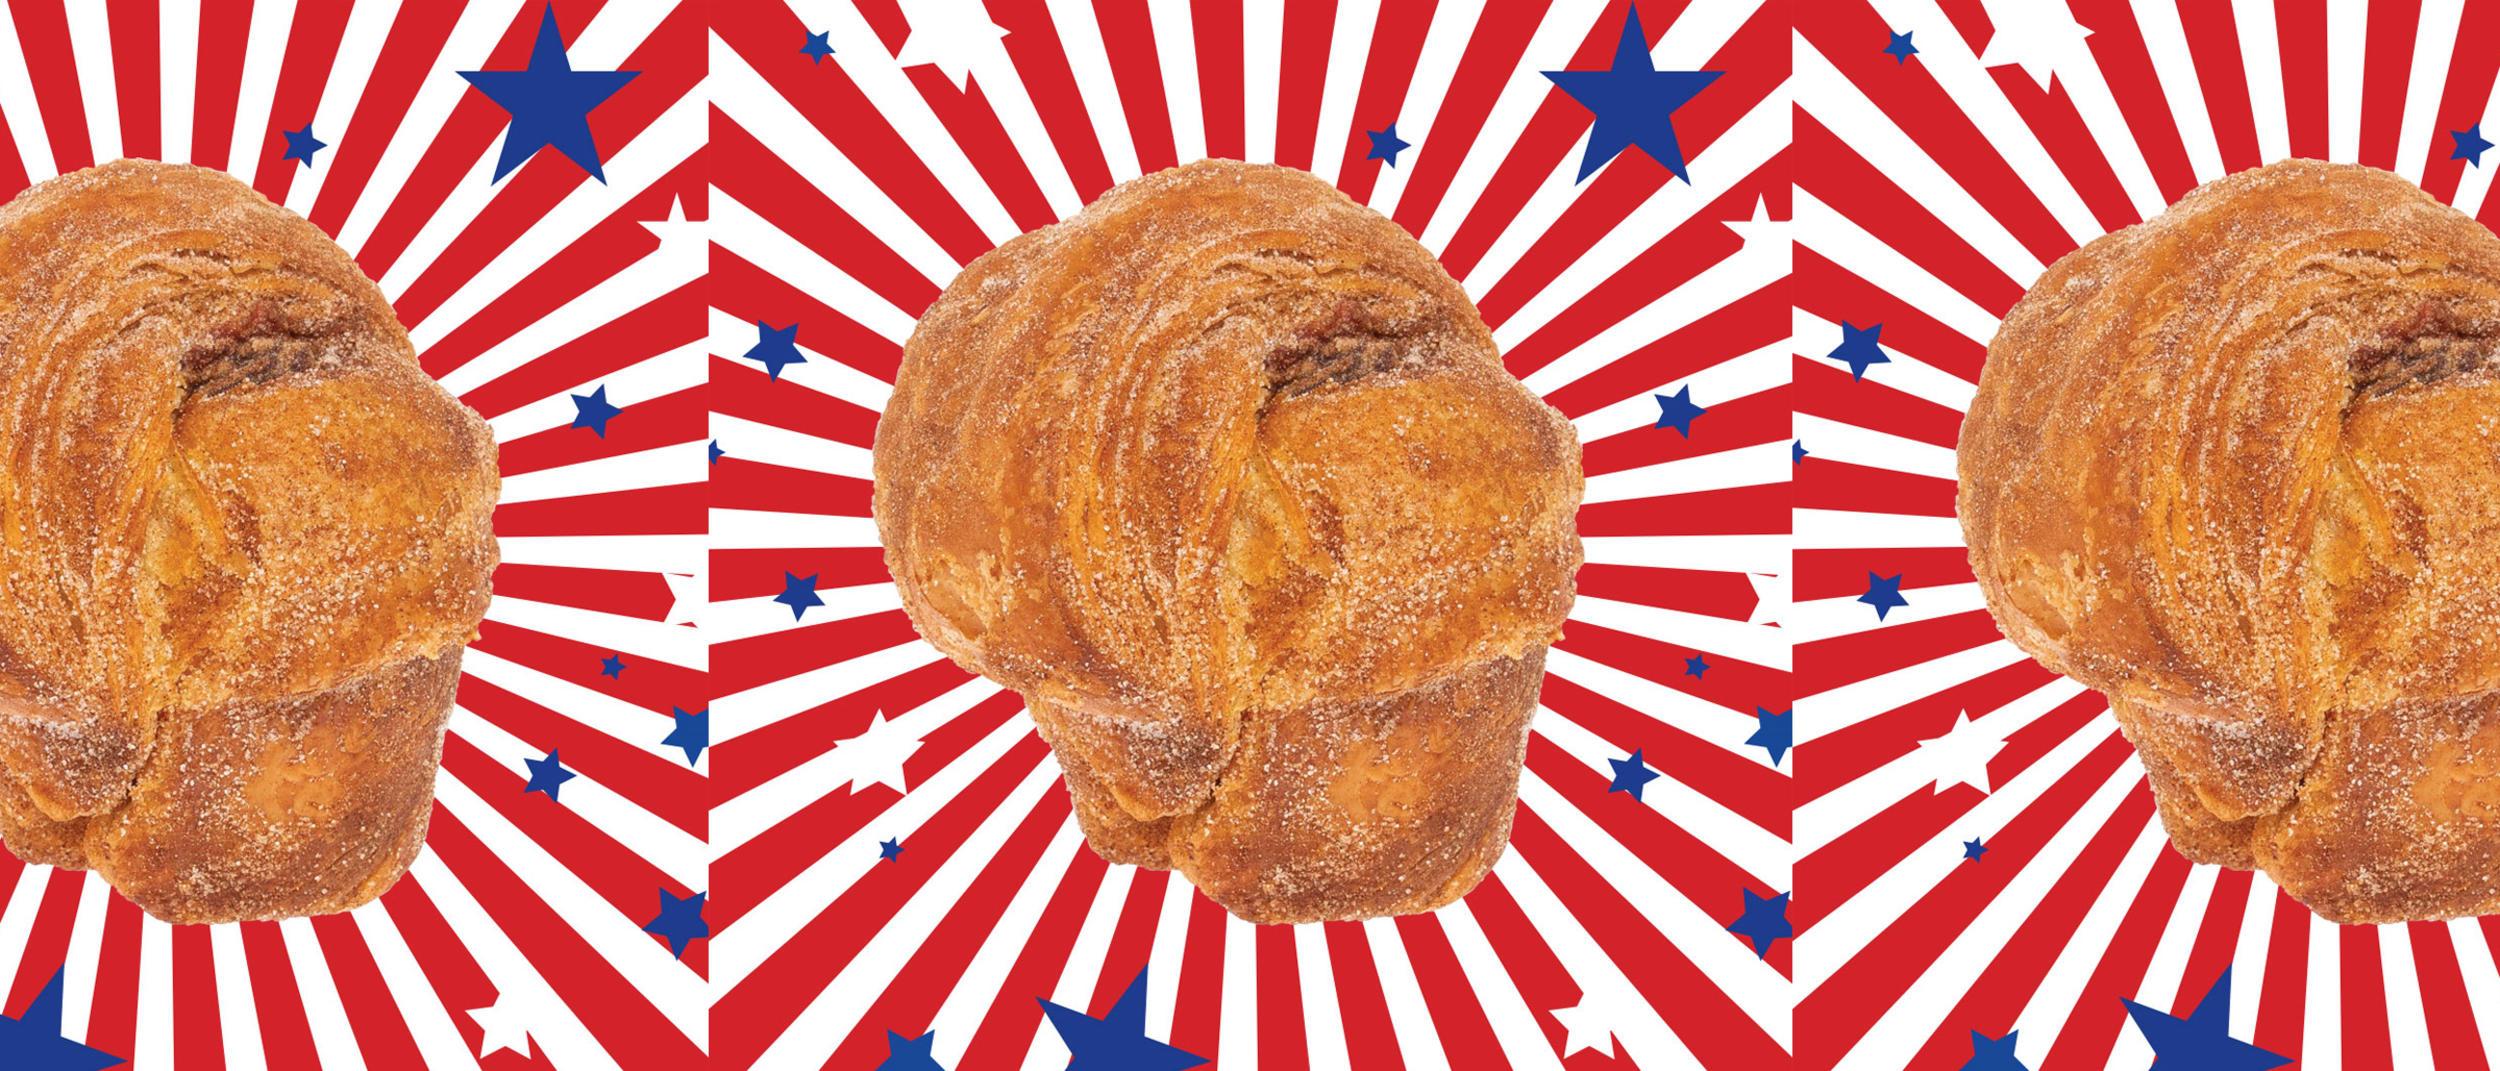 Muffin Break: PB & J Duffin